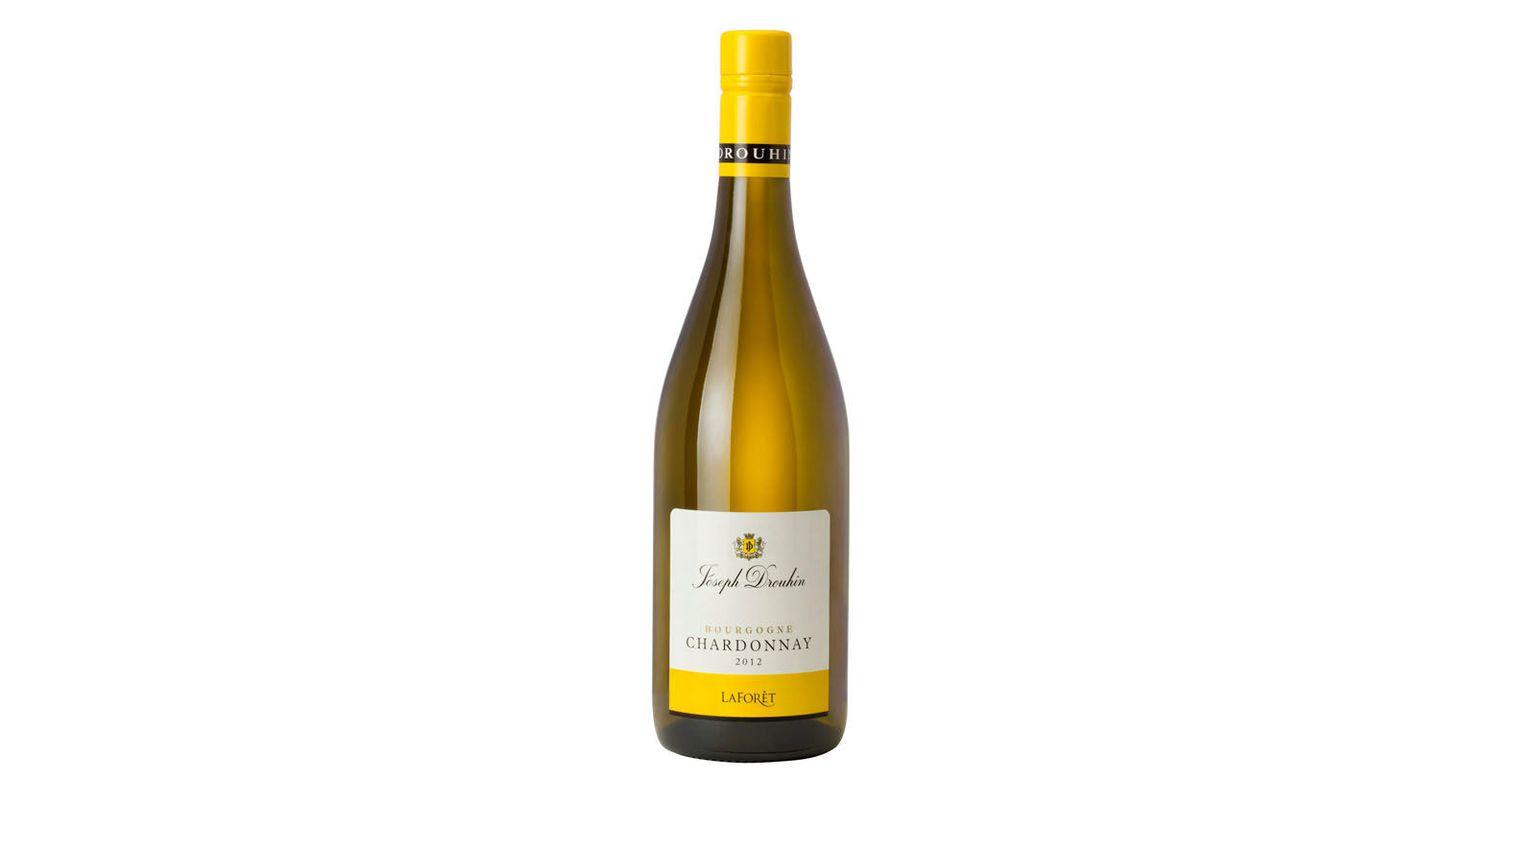 Vin de bourgogne : les amateurs de vins ont trouvé une perle rare.